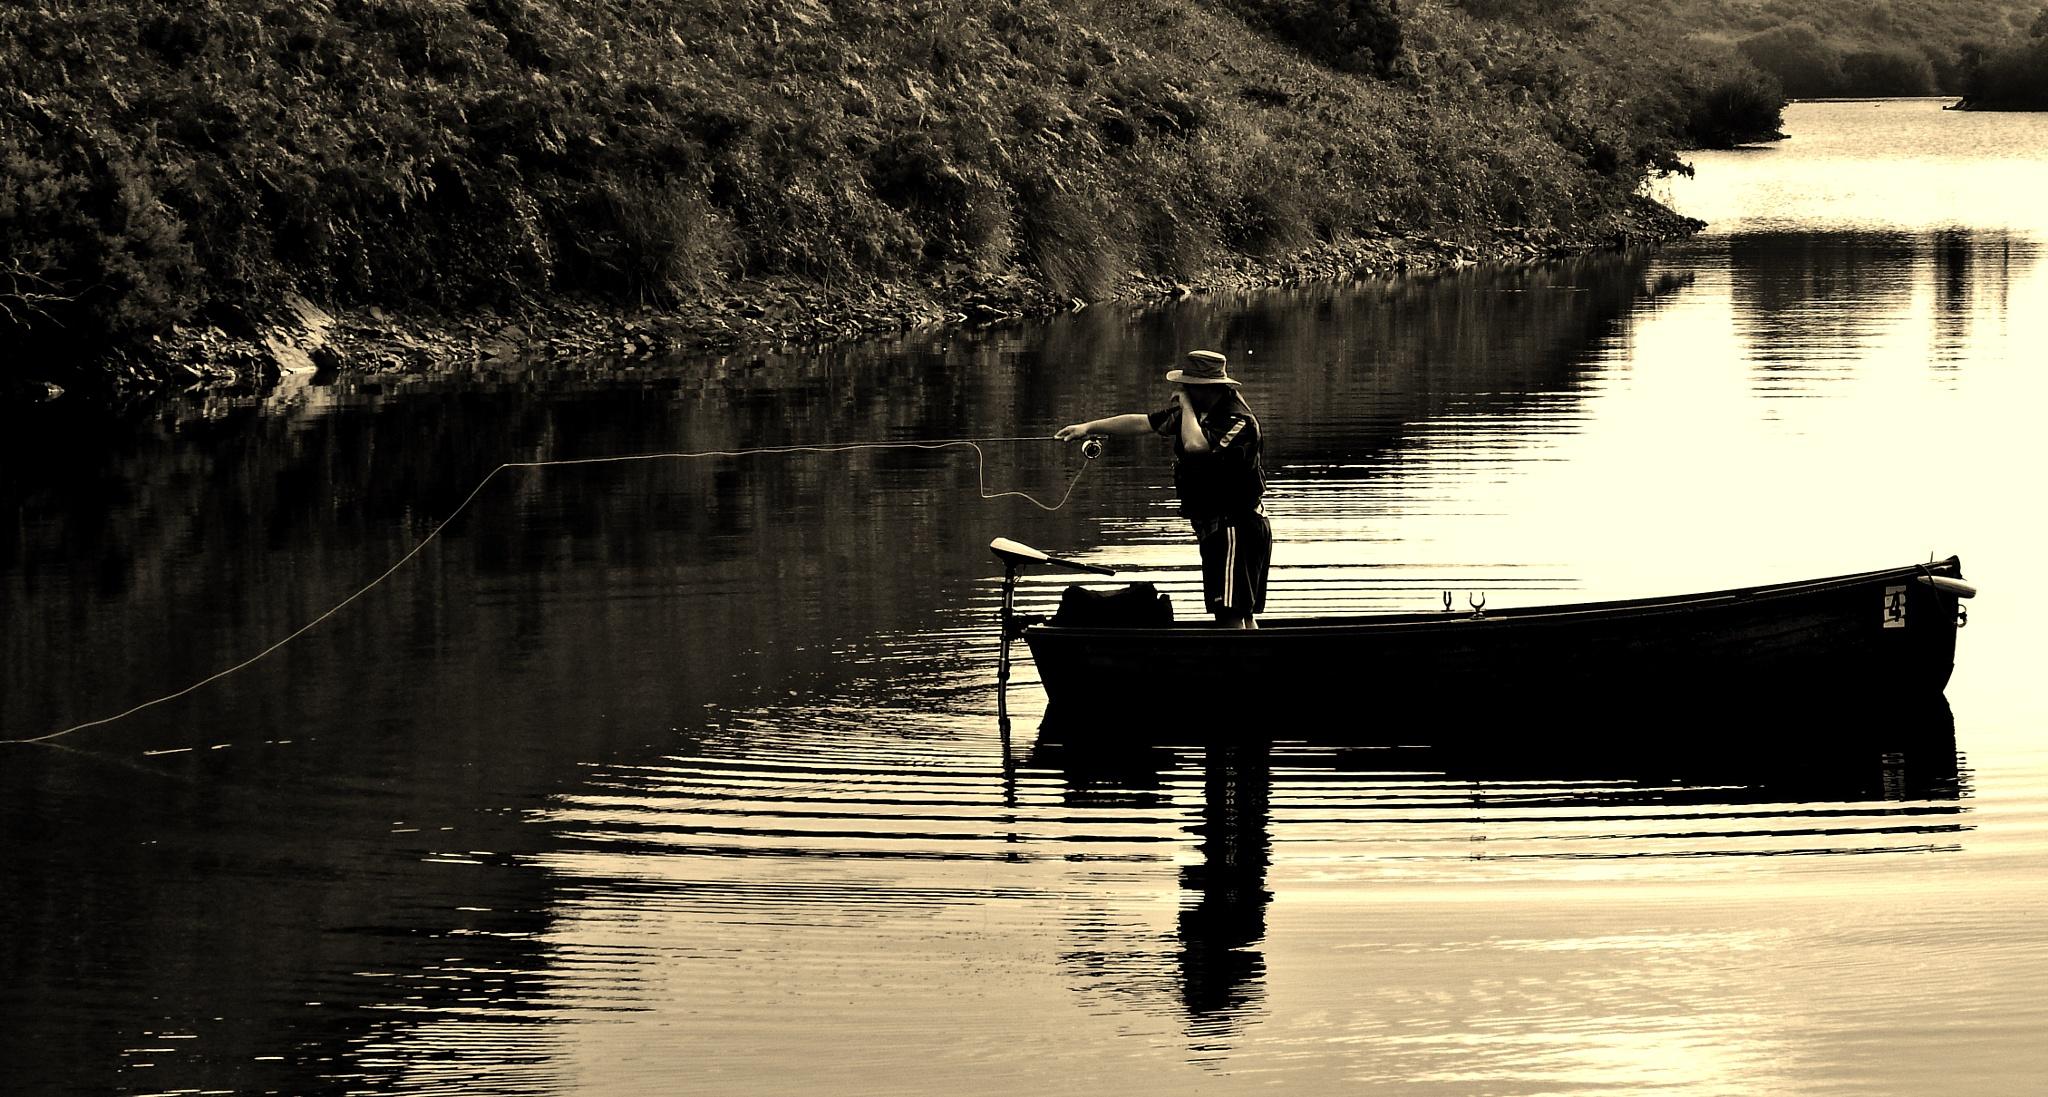 Angler by Nickimags888